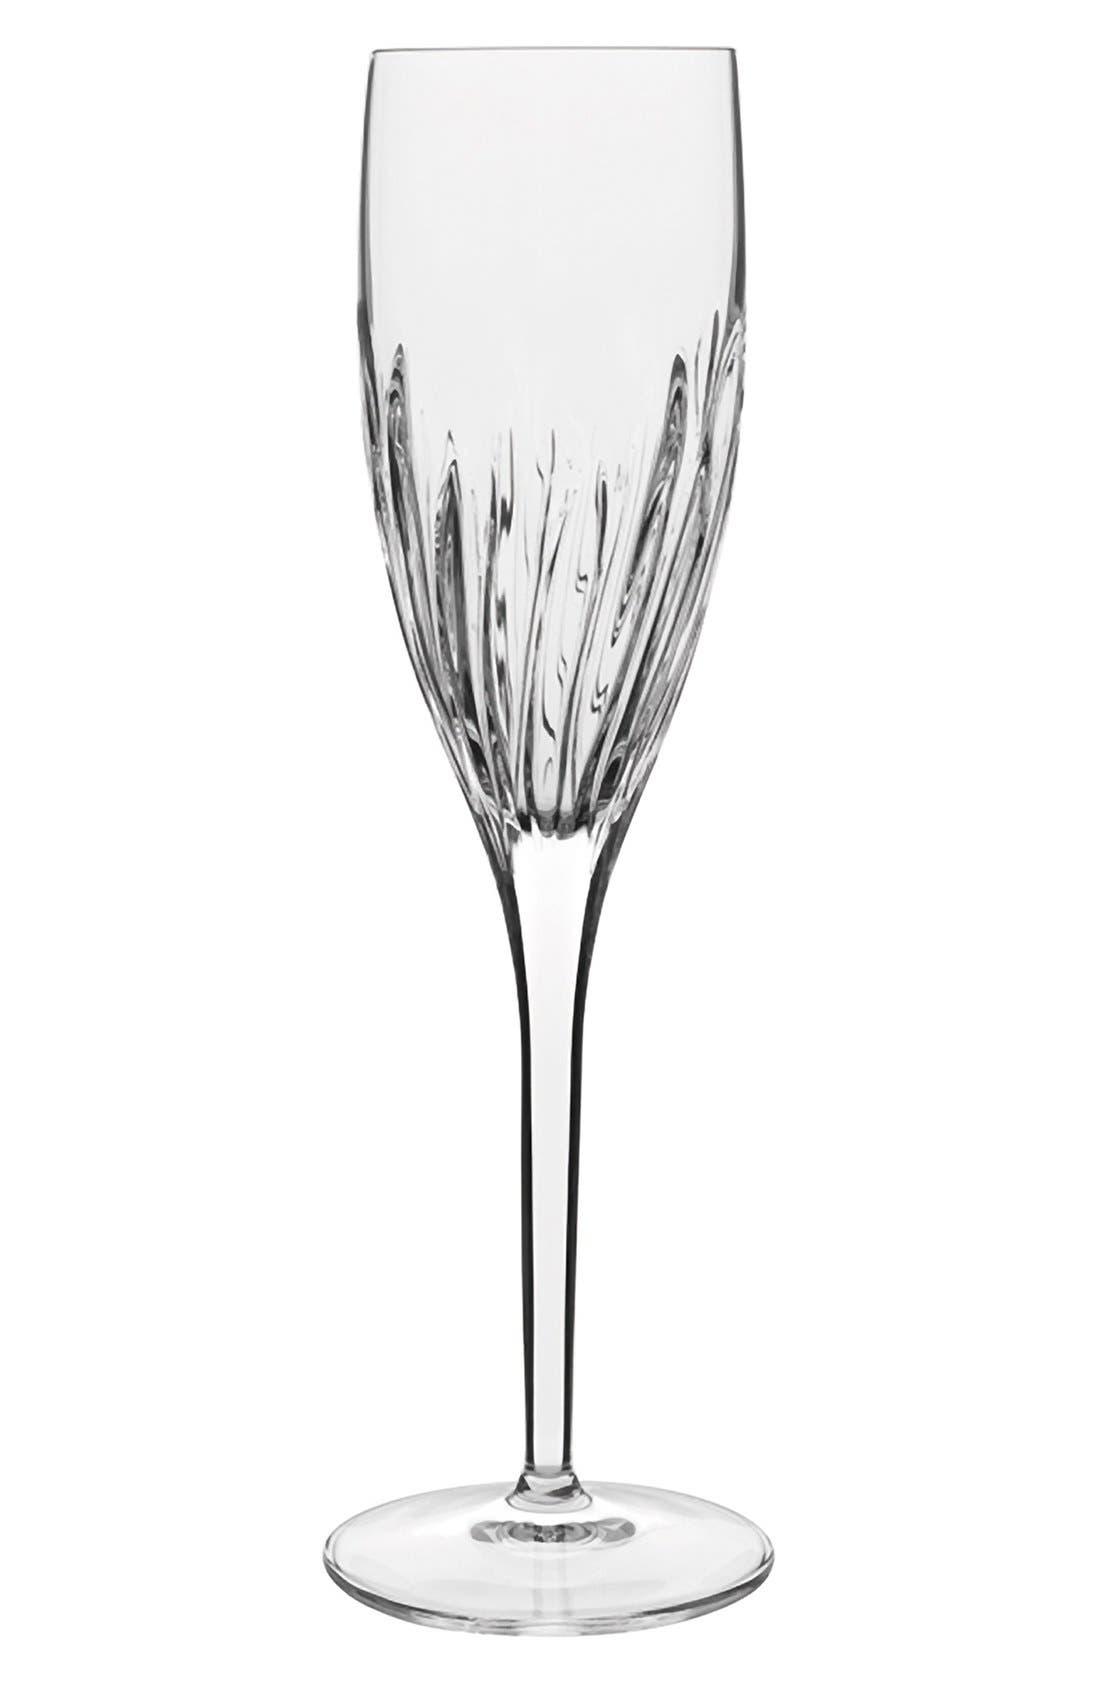 Main Image - Luigi Bormioli 'Incanto' Champagne Flutes (Set of 4)